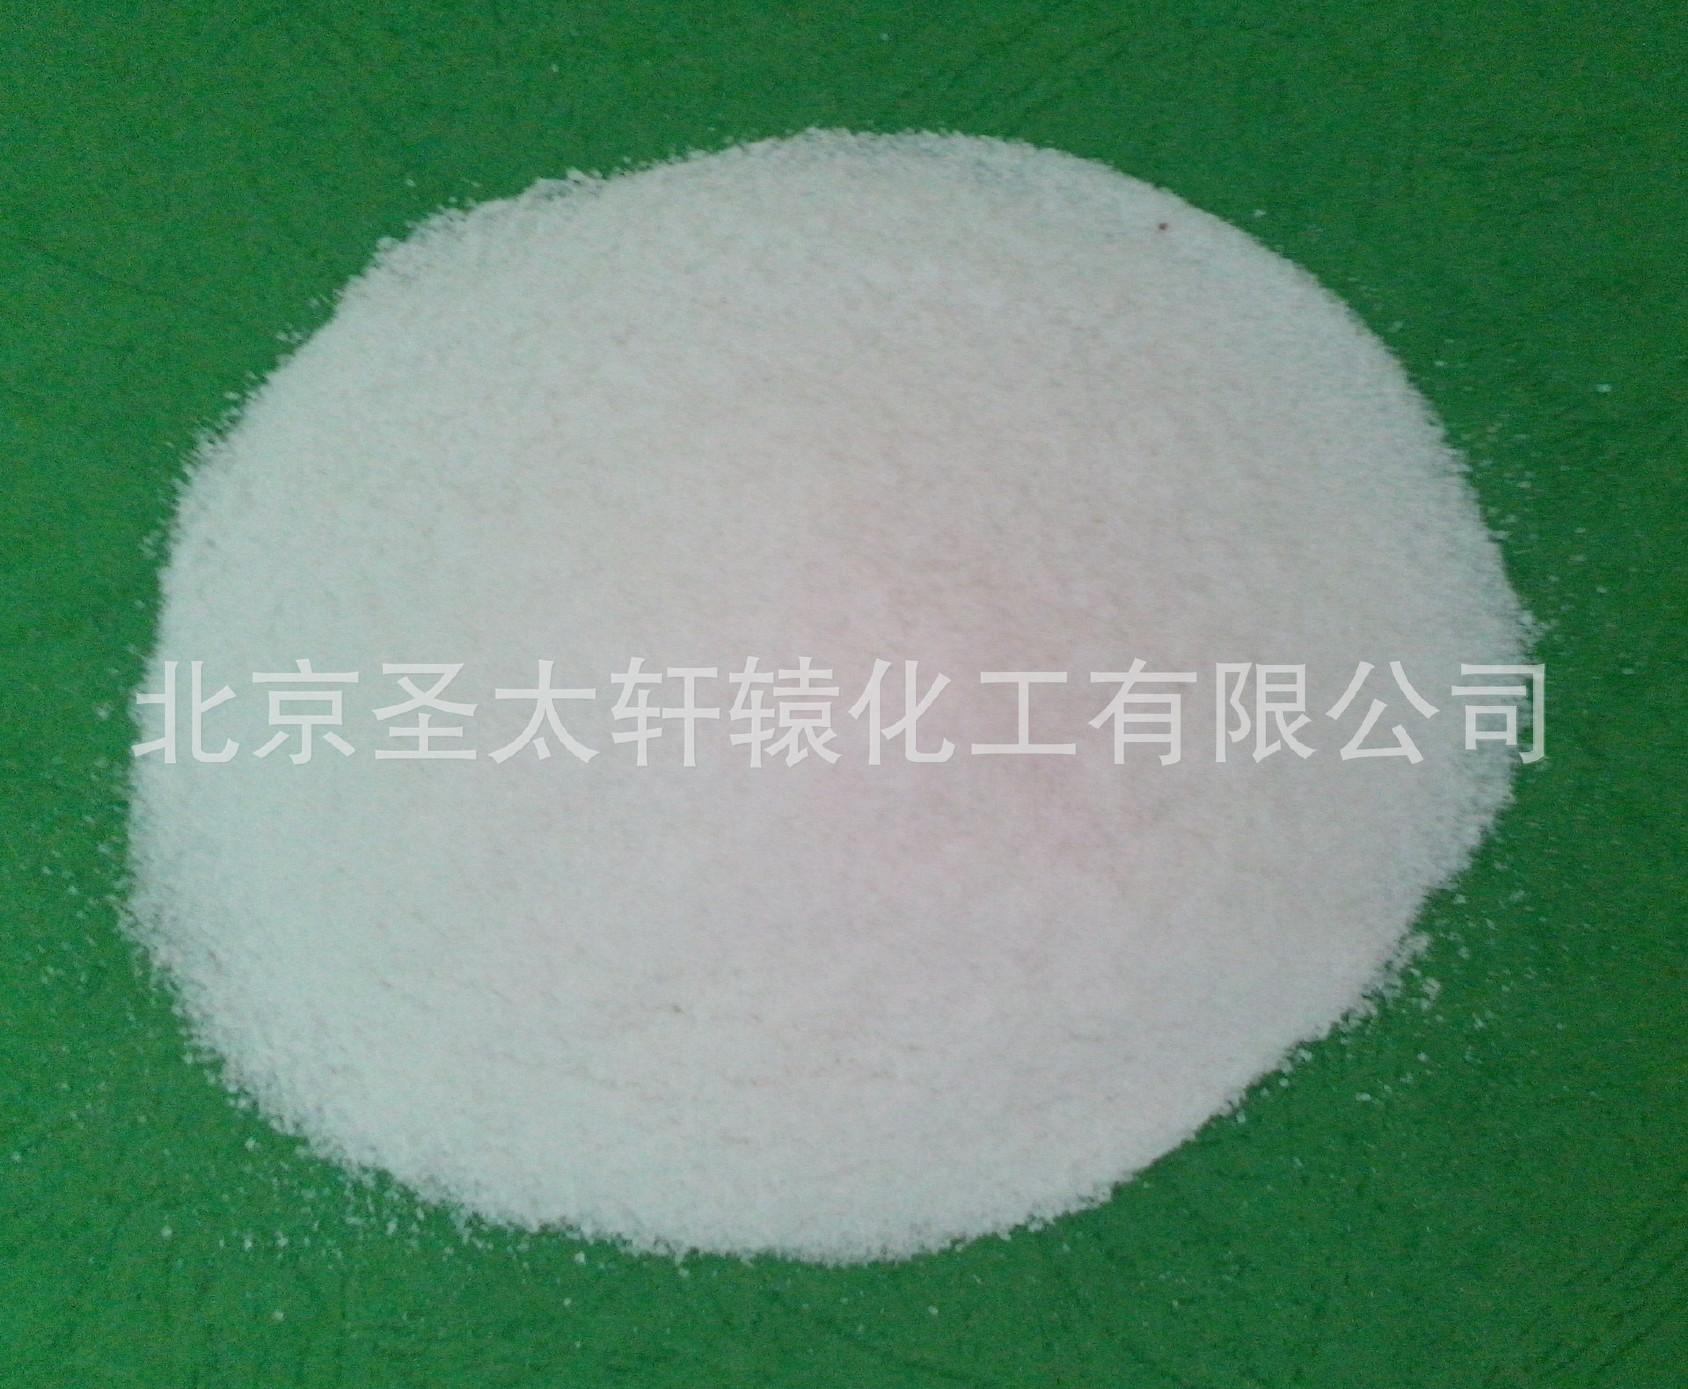 厂家直销 高速高效工业级融雪剂 公路环保融雪剂示例图35